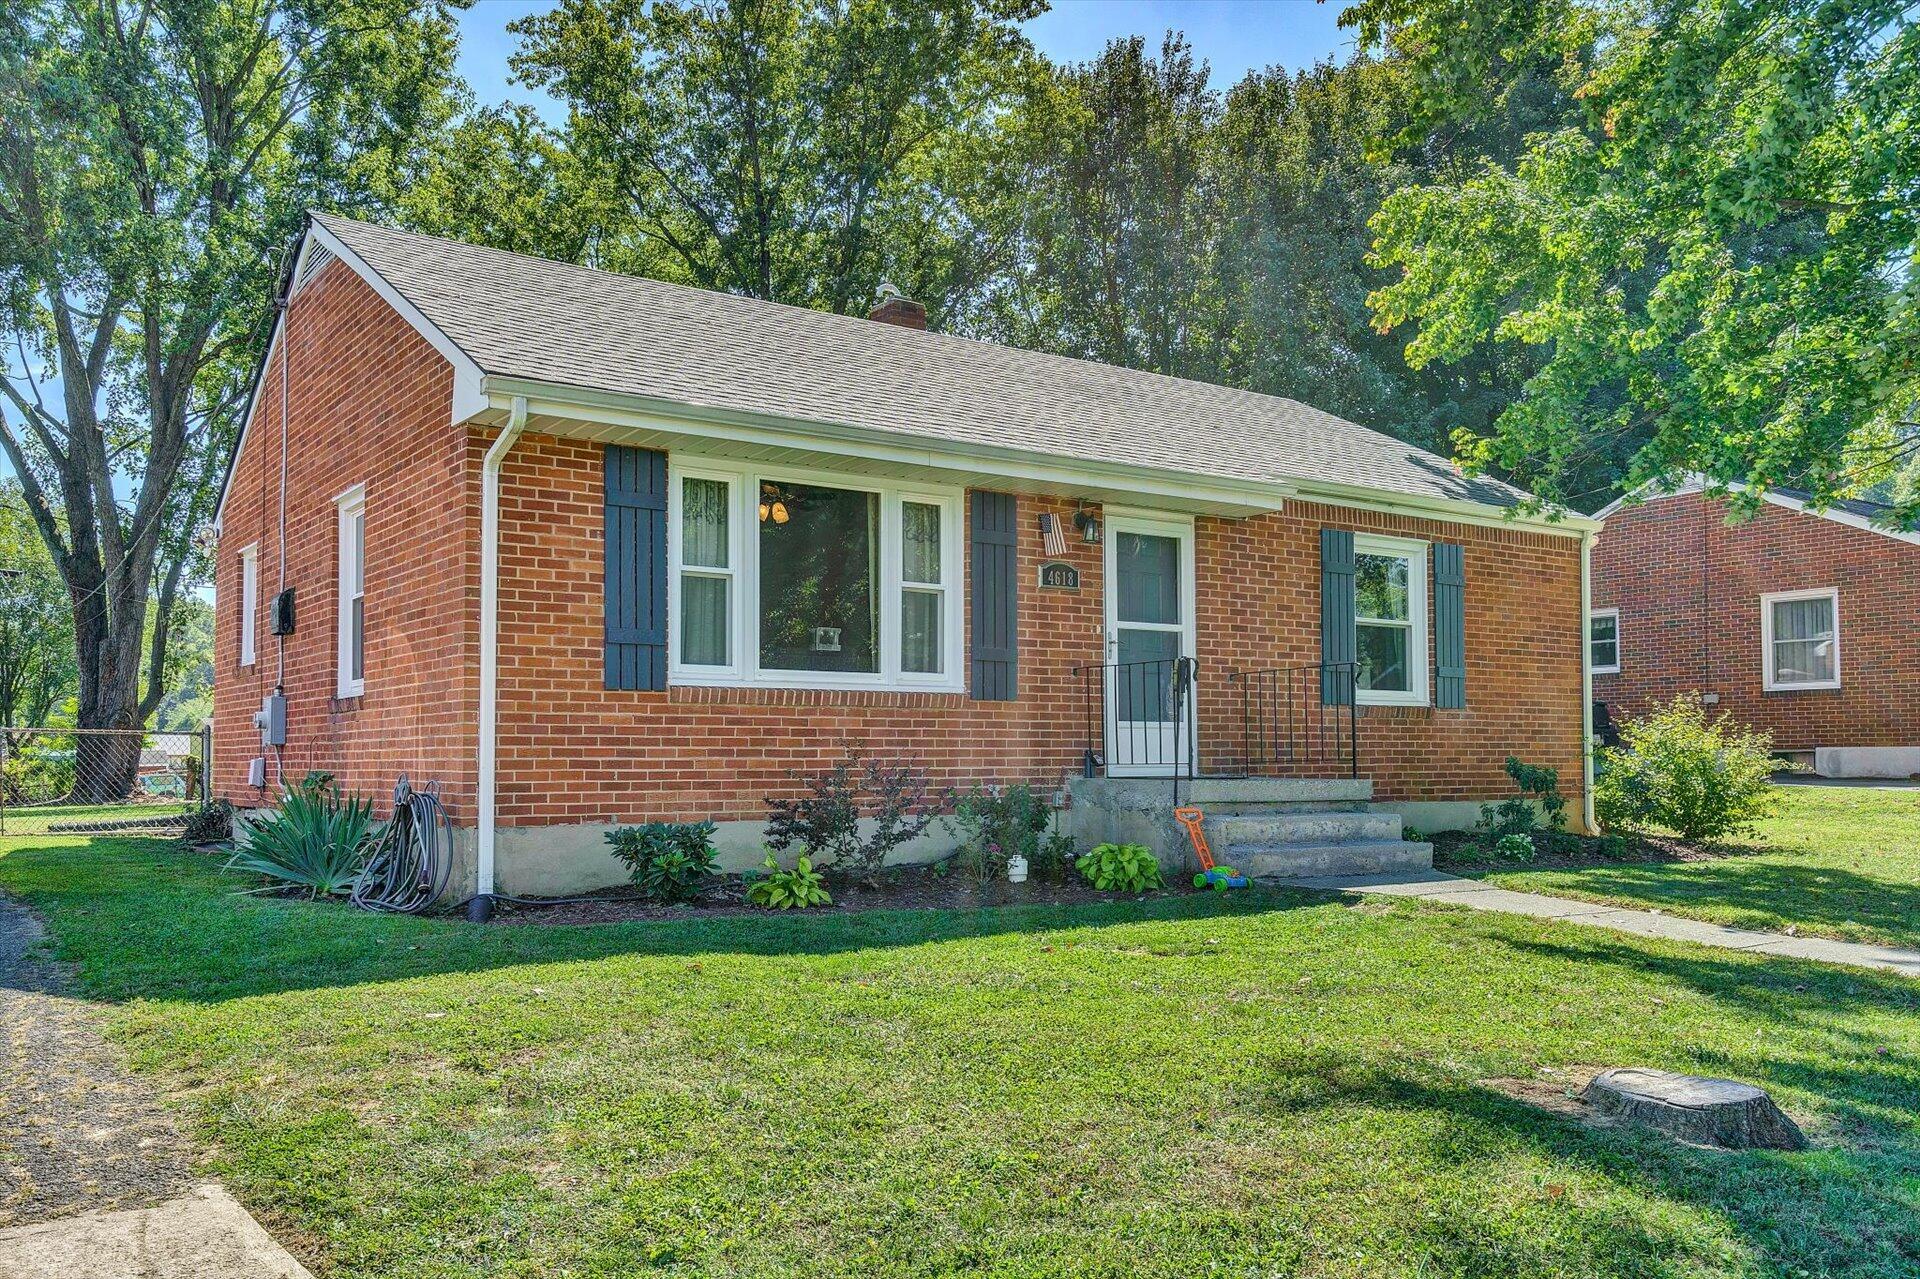 Photo of 4618 Sloan RD Roanoke VA 24017